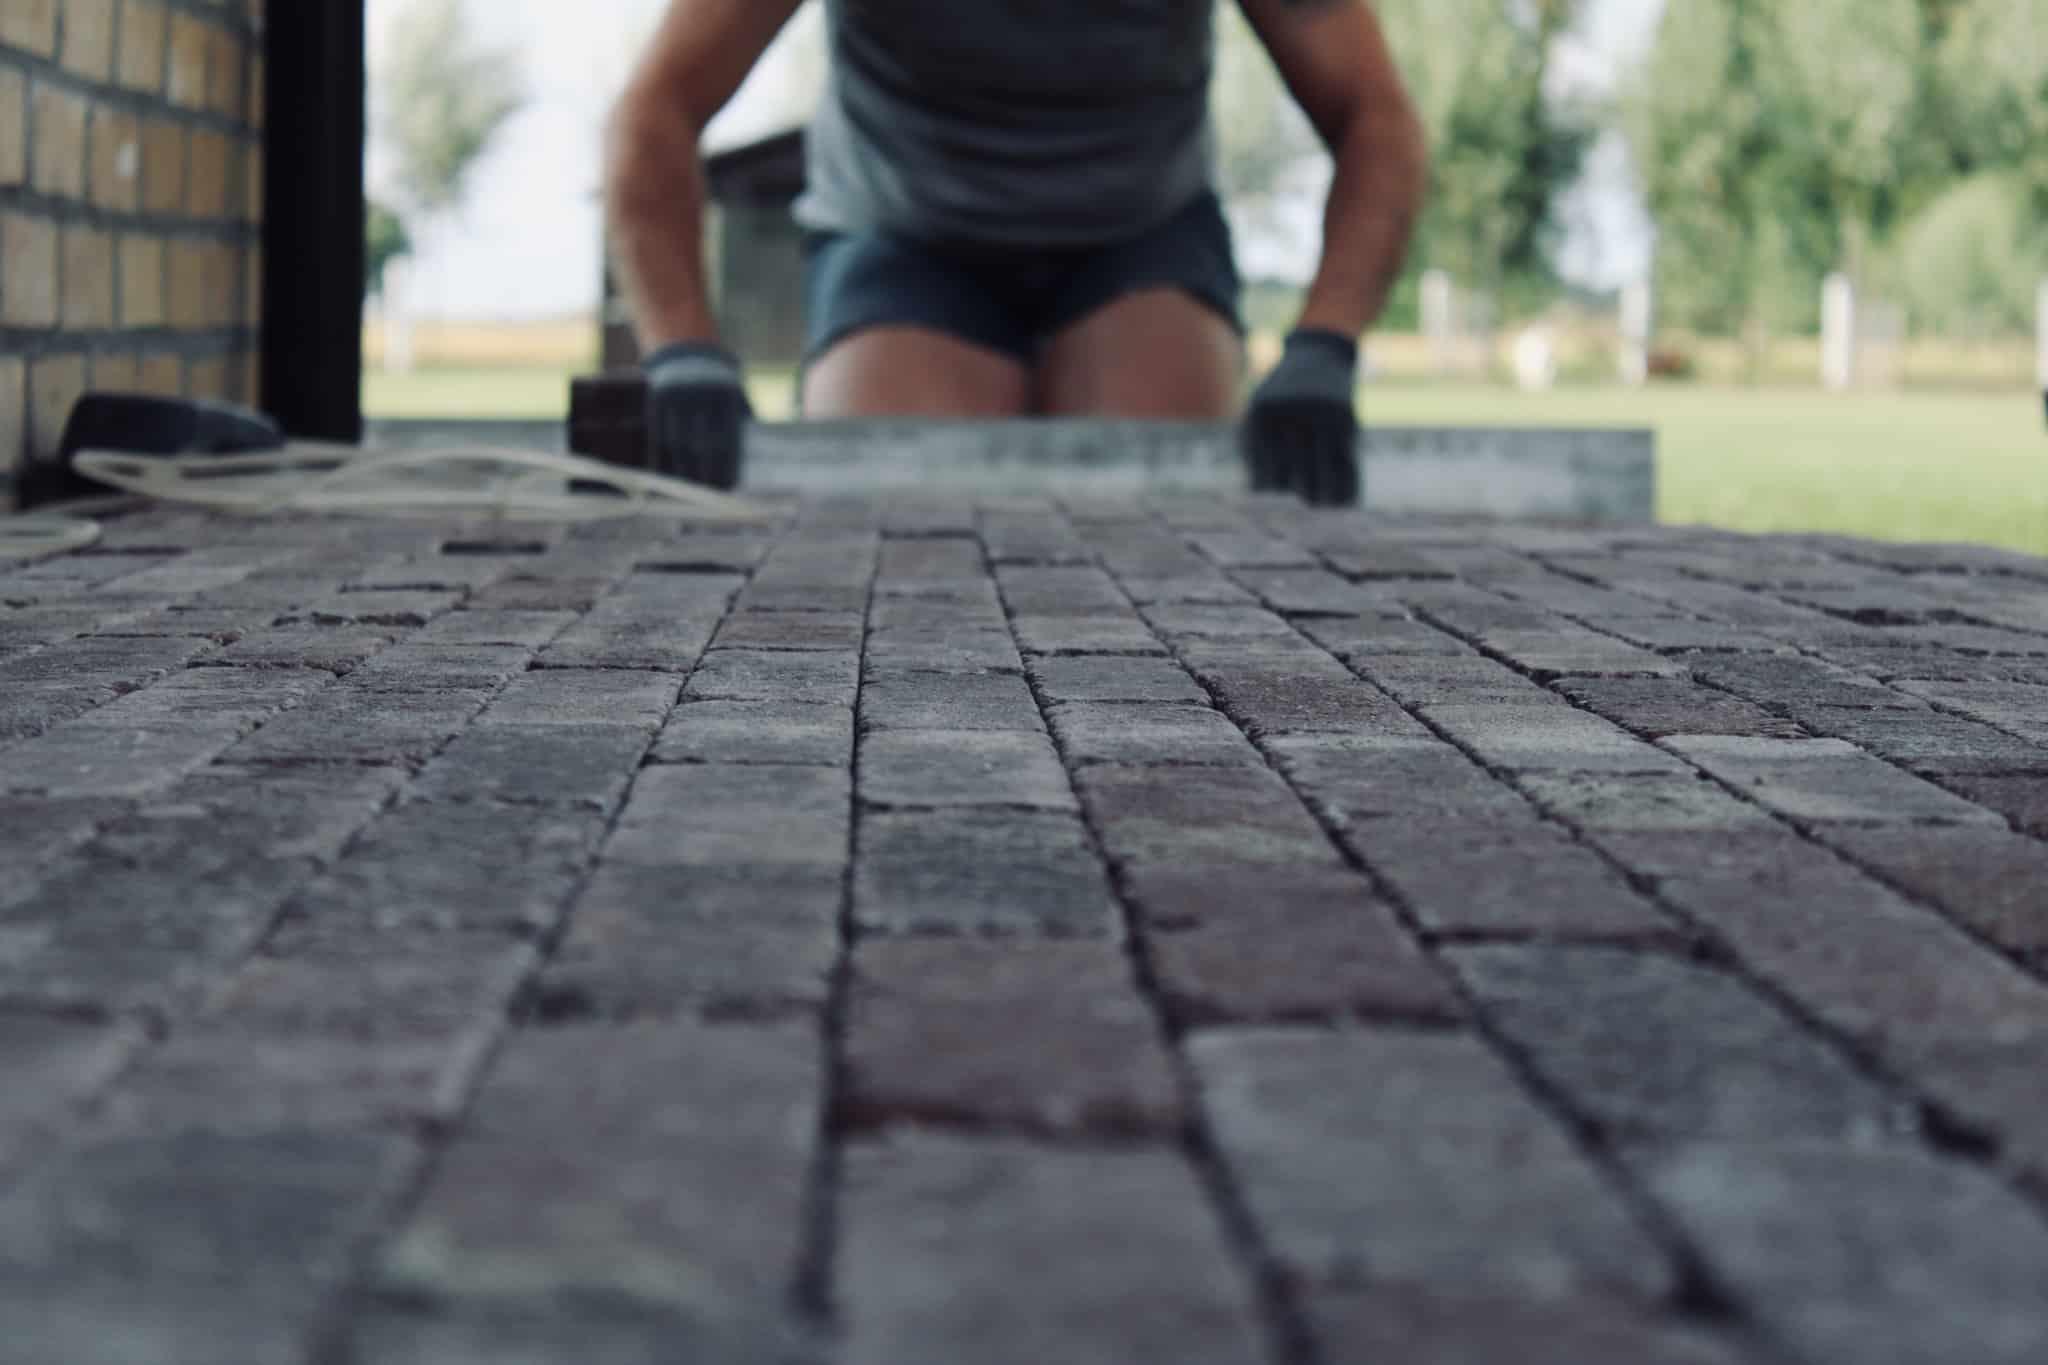 construçao de um chão de tijolos